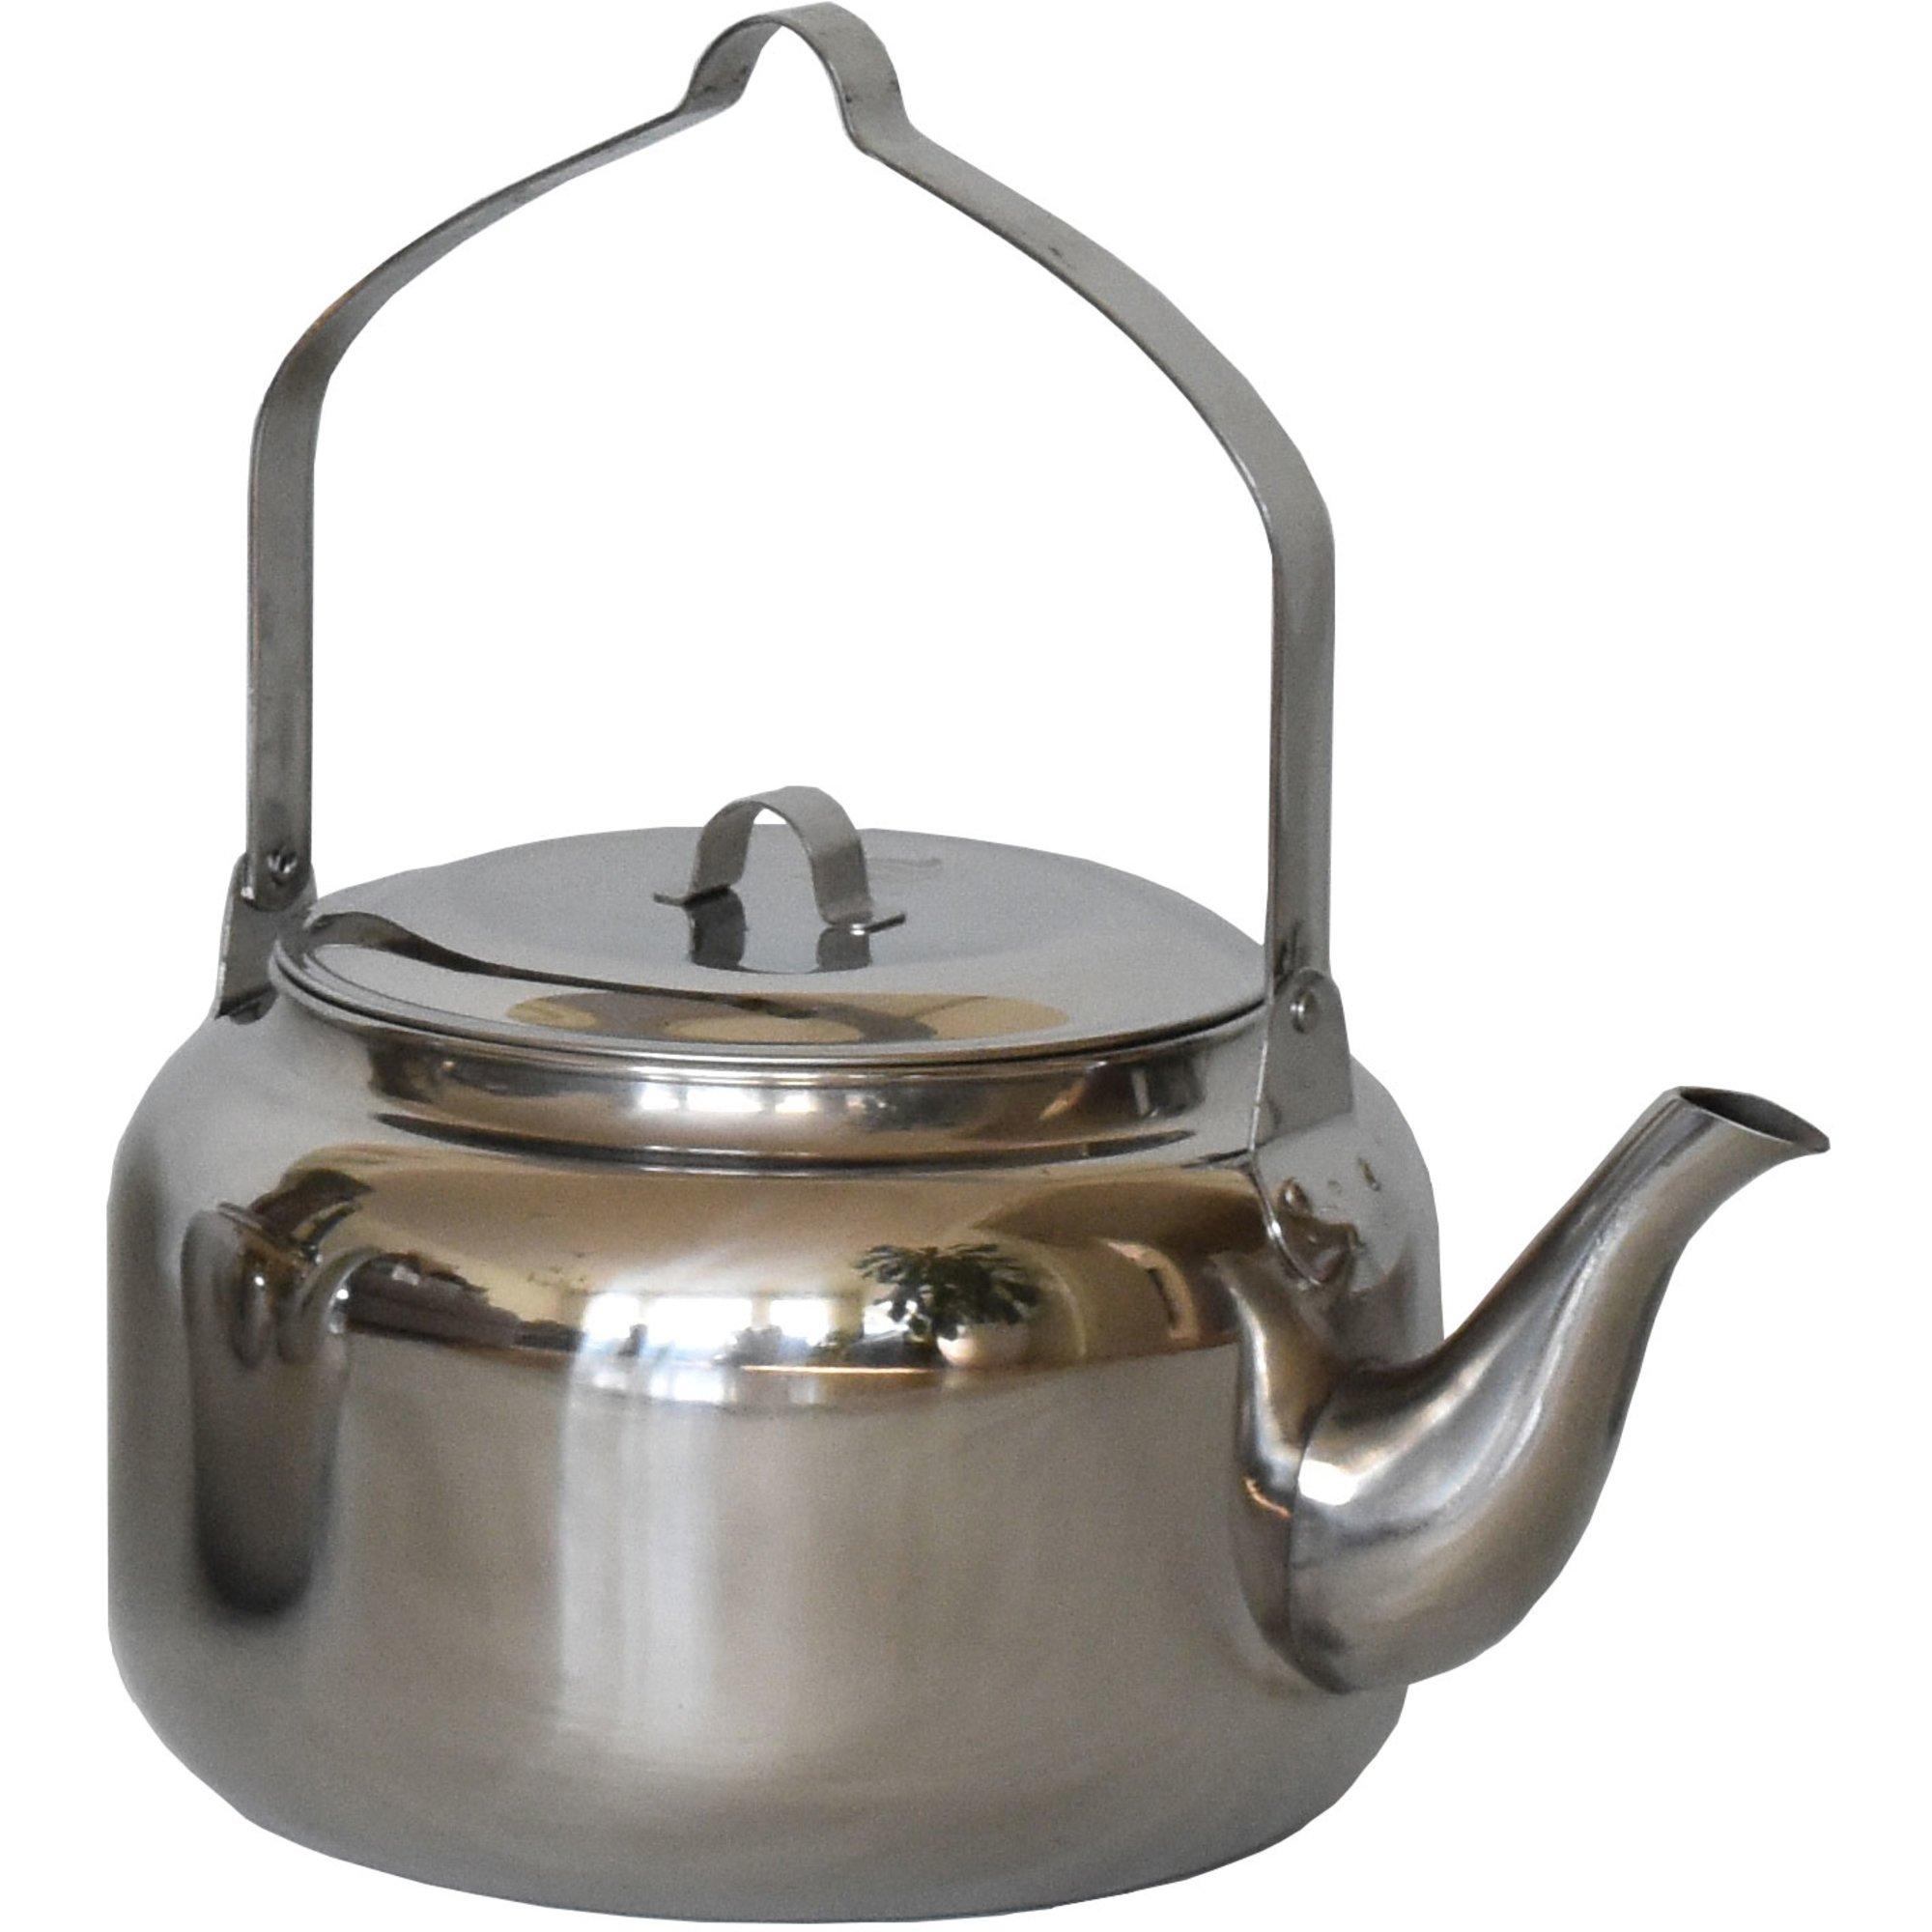 Hällmark Kaffepanna till öppen eld 3 liter